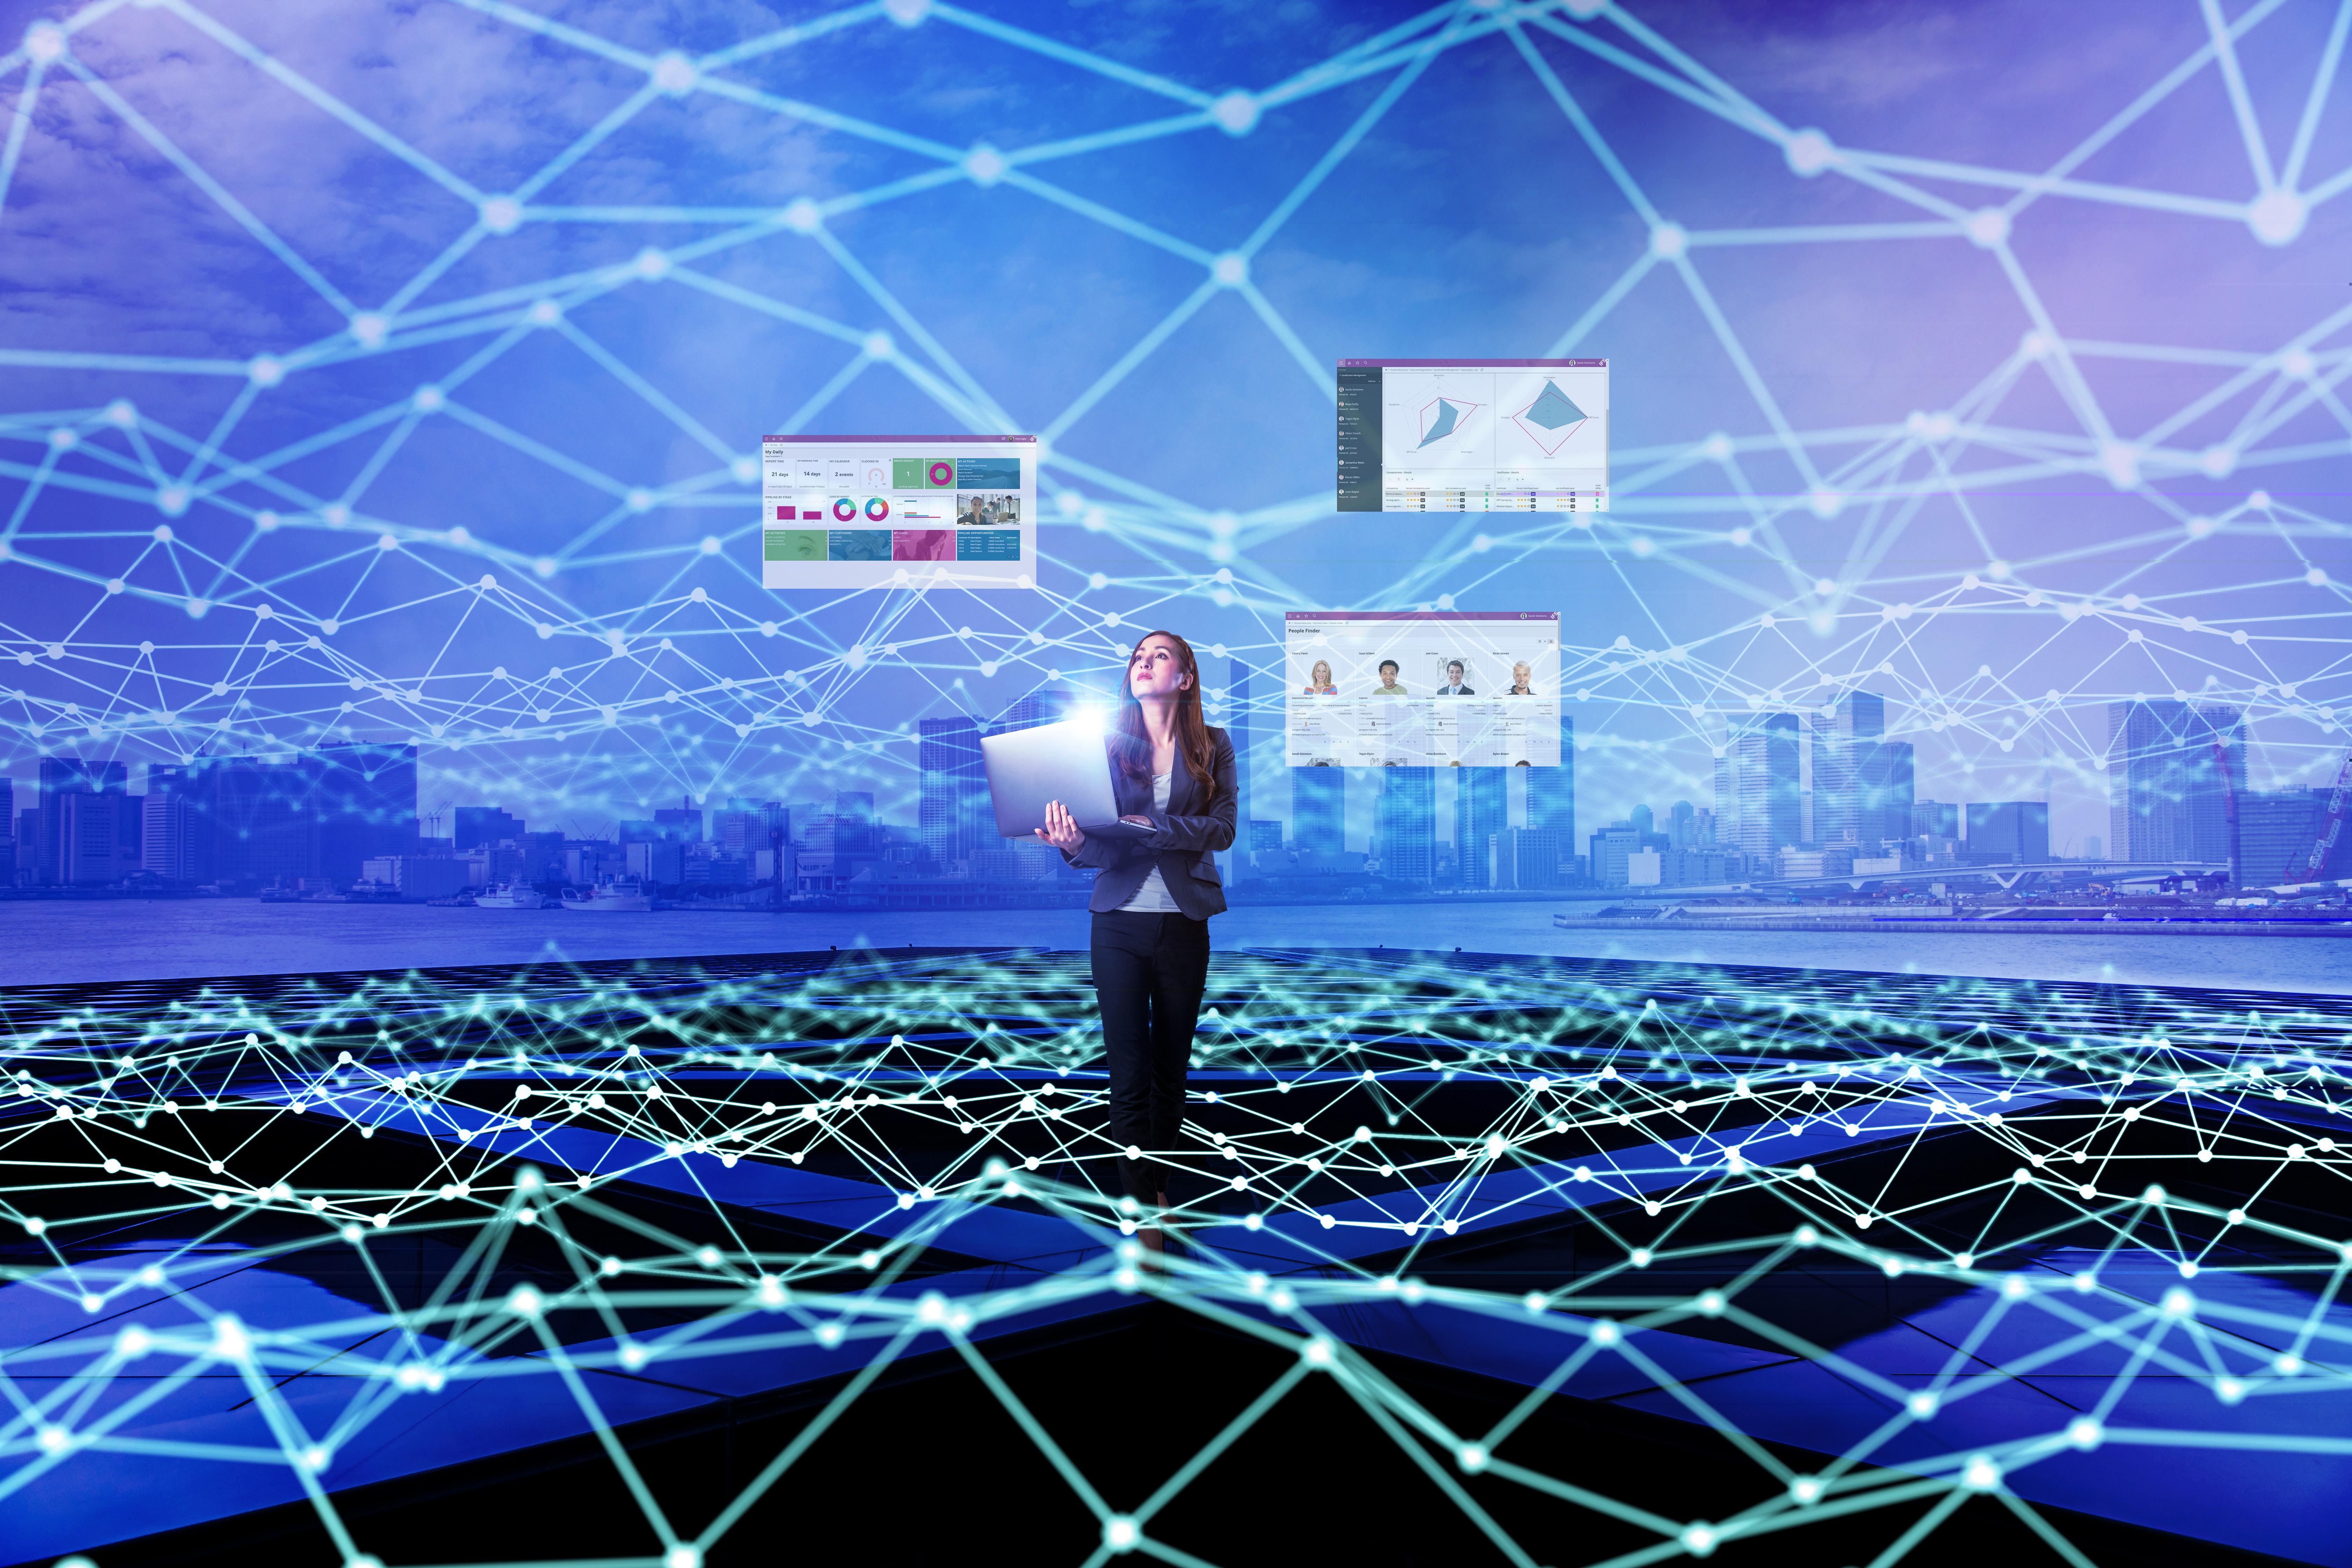 nową wersję pakietu narzędzi do zarządzania działalnością biznesową.